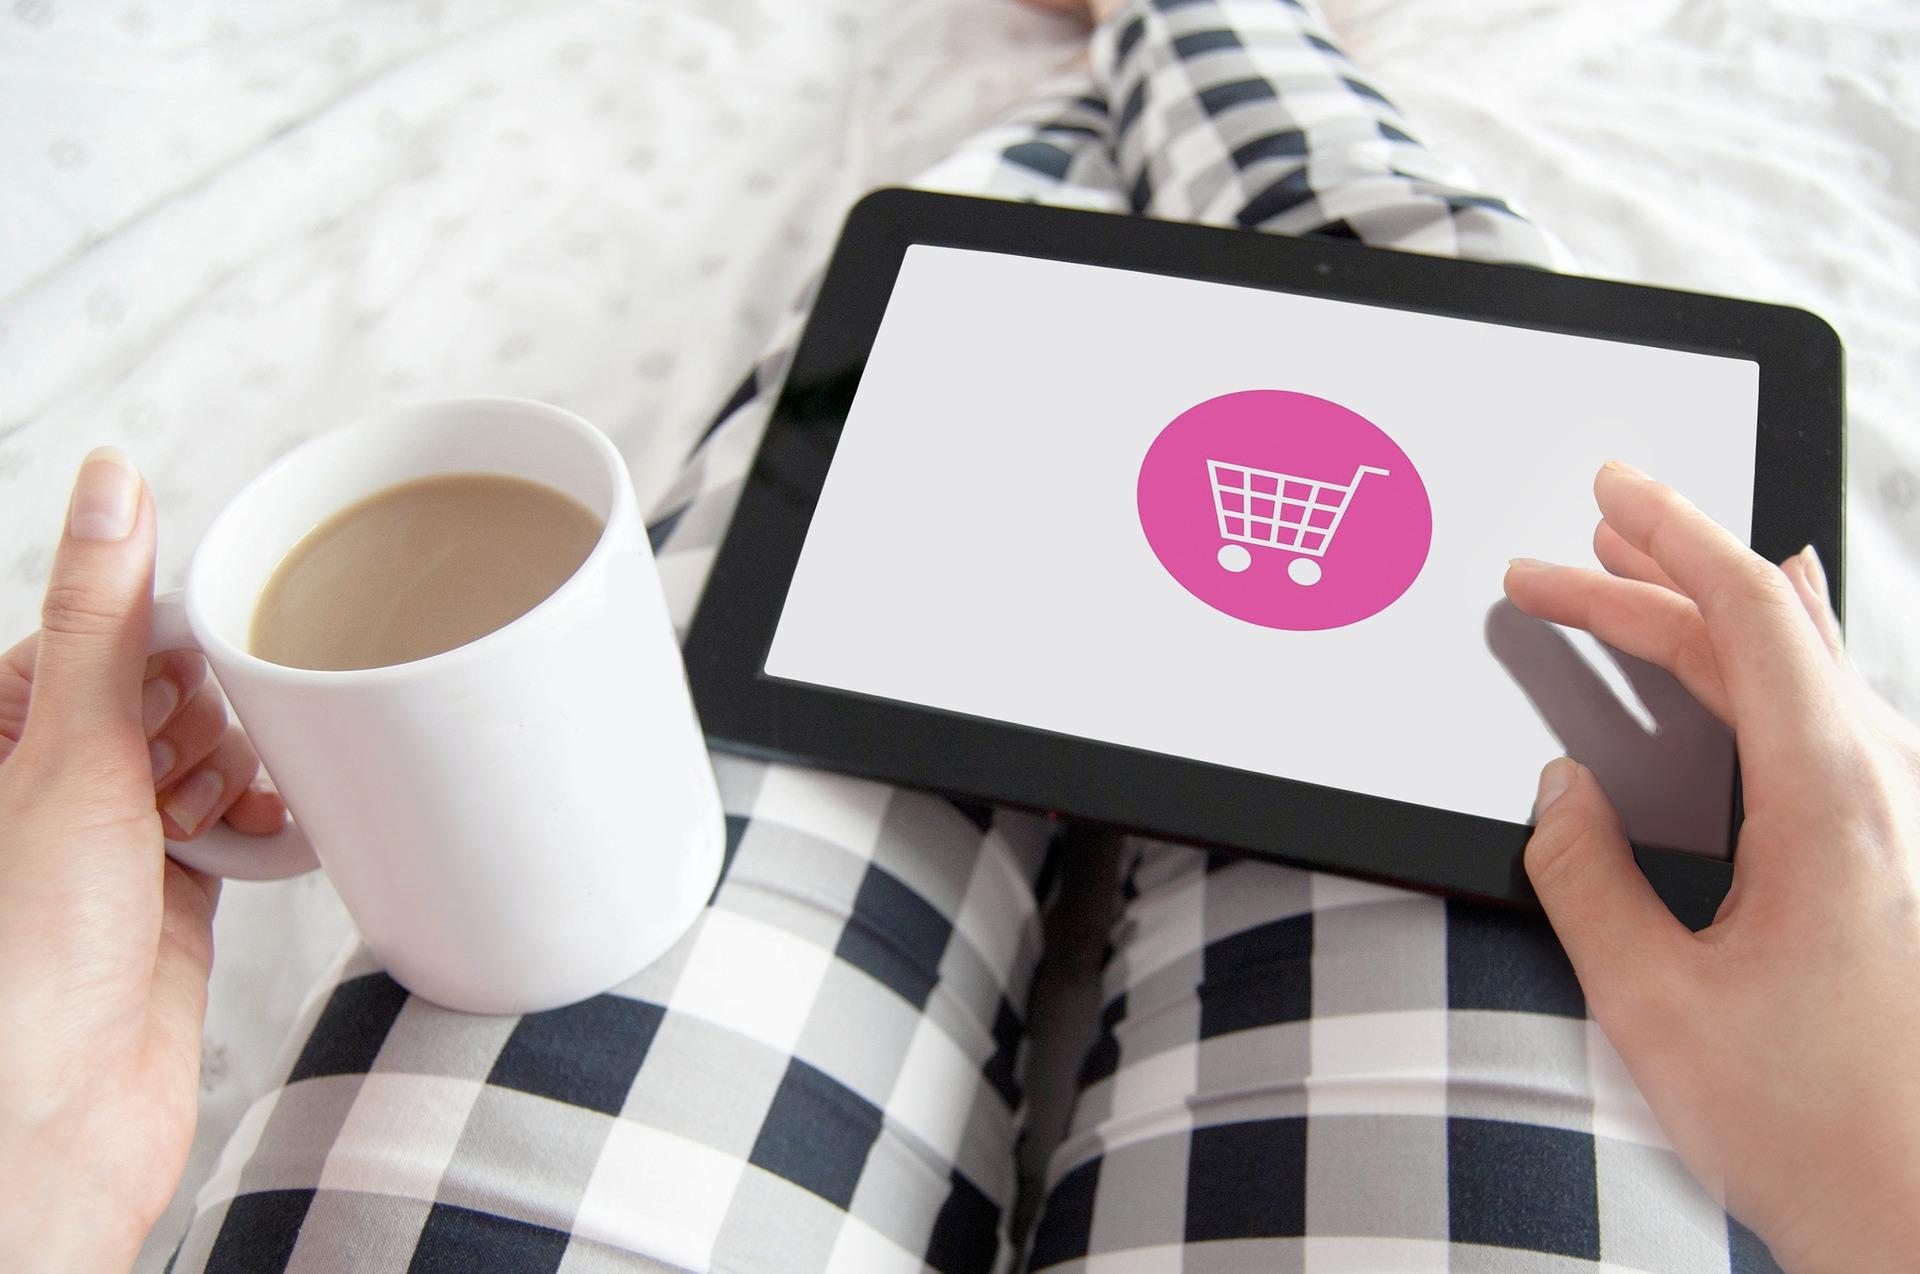 חכמה ברשת: לחסוך ולשמור על סטייל בשופינג אונליין!